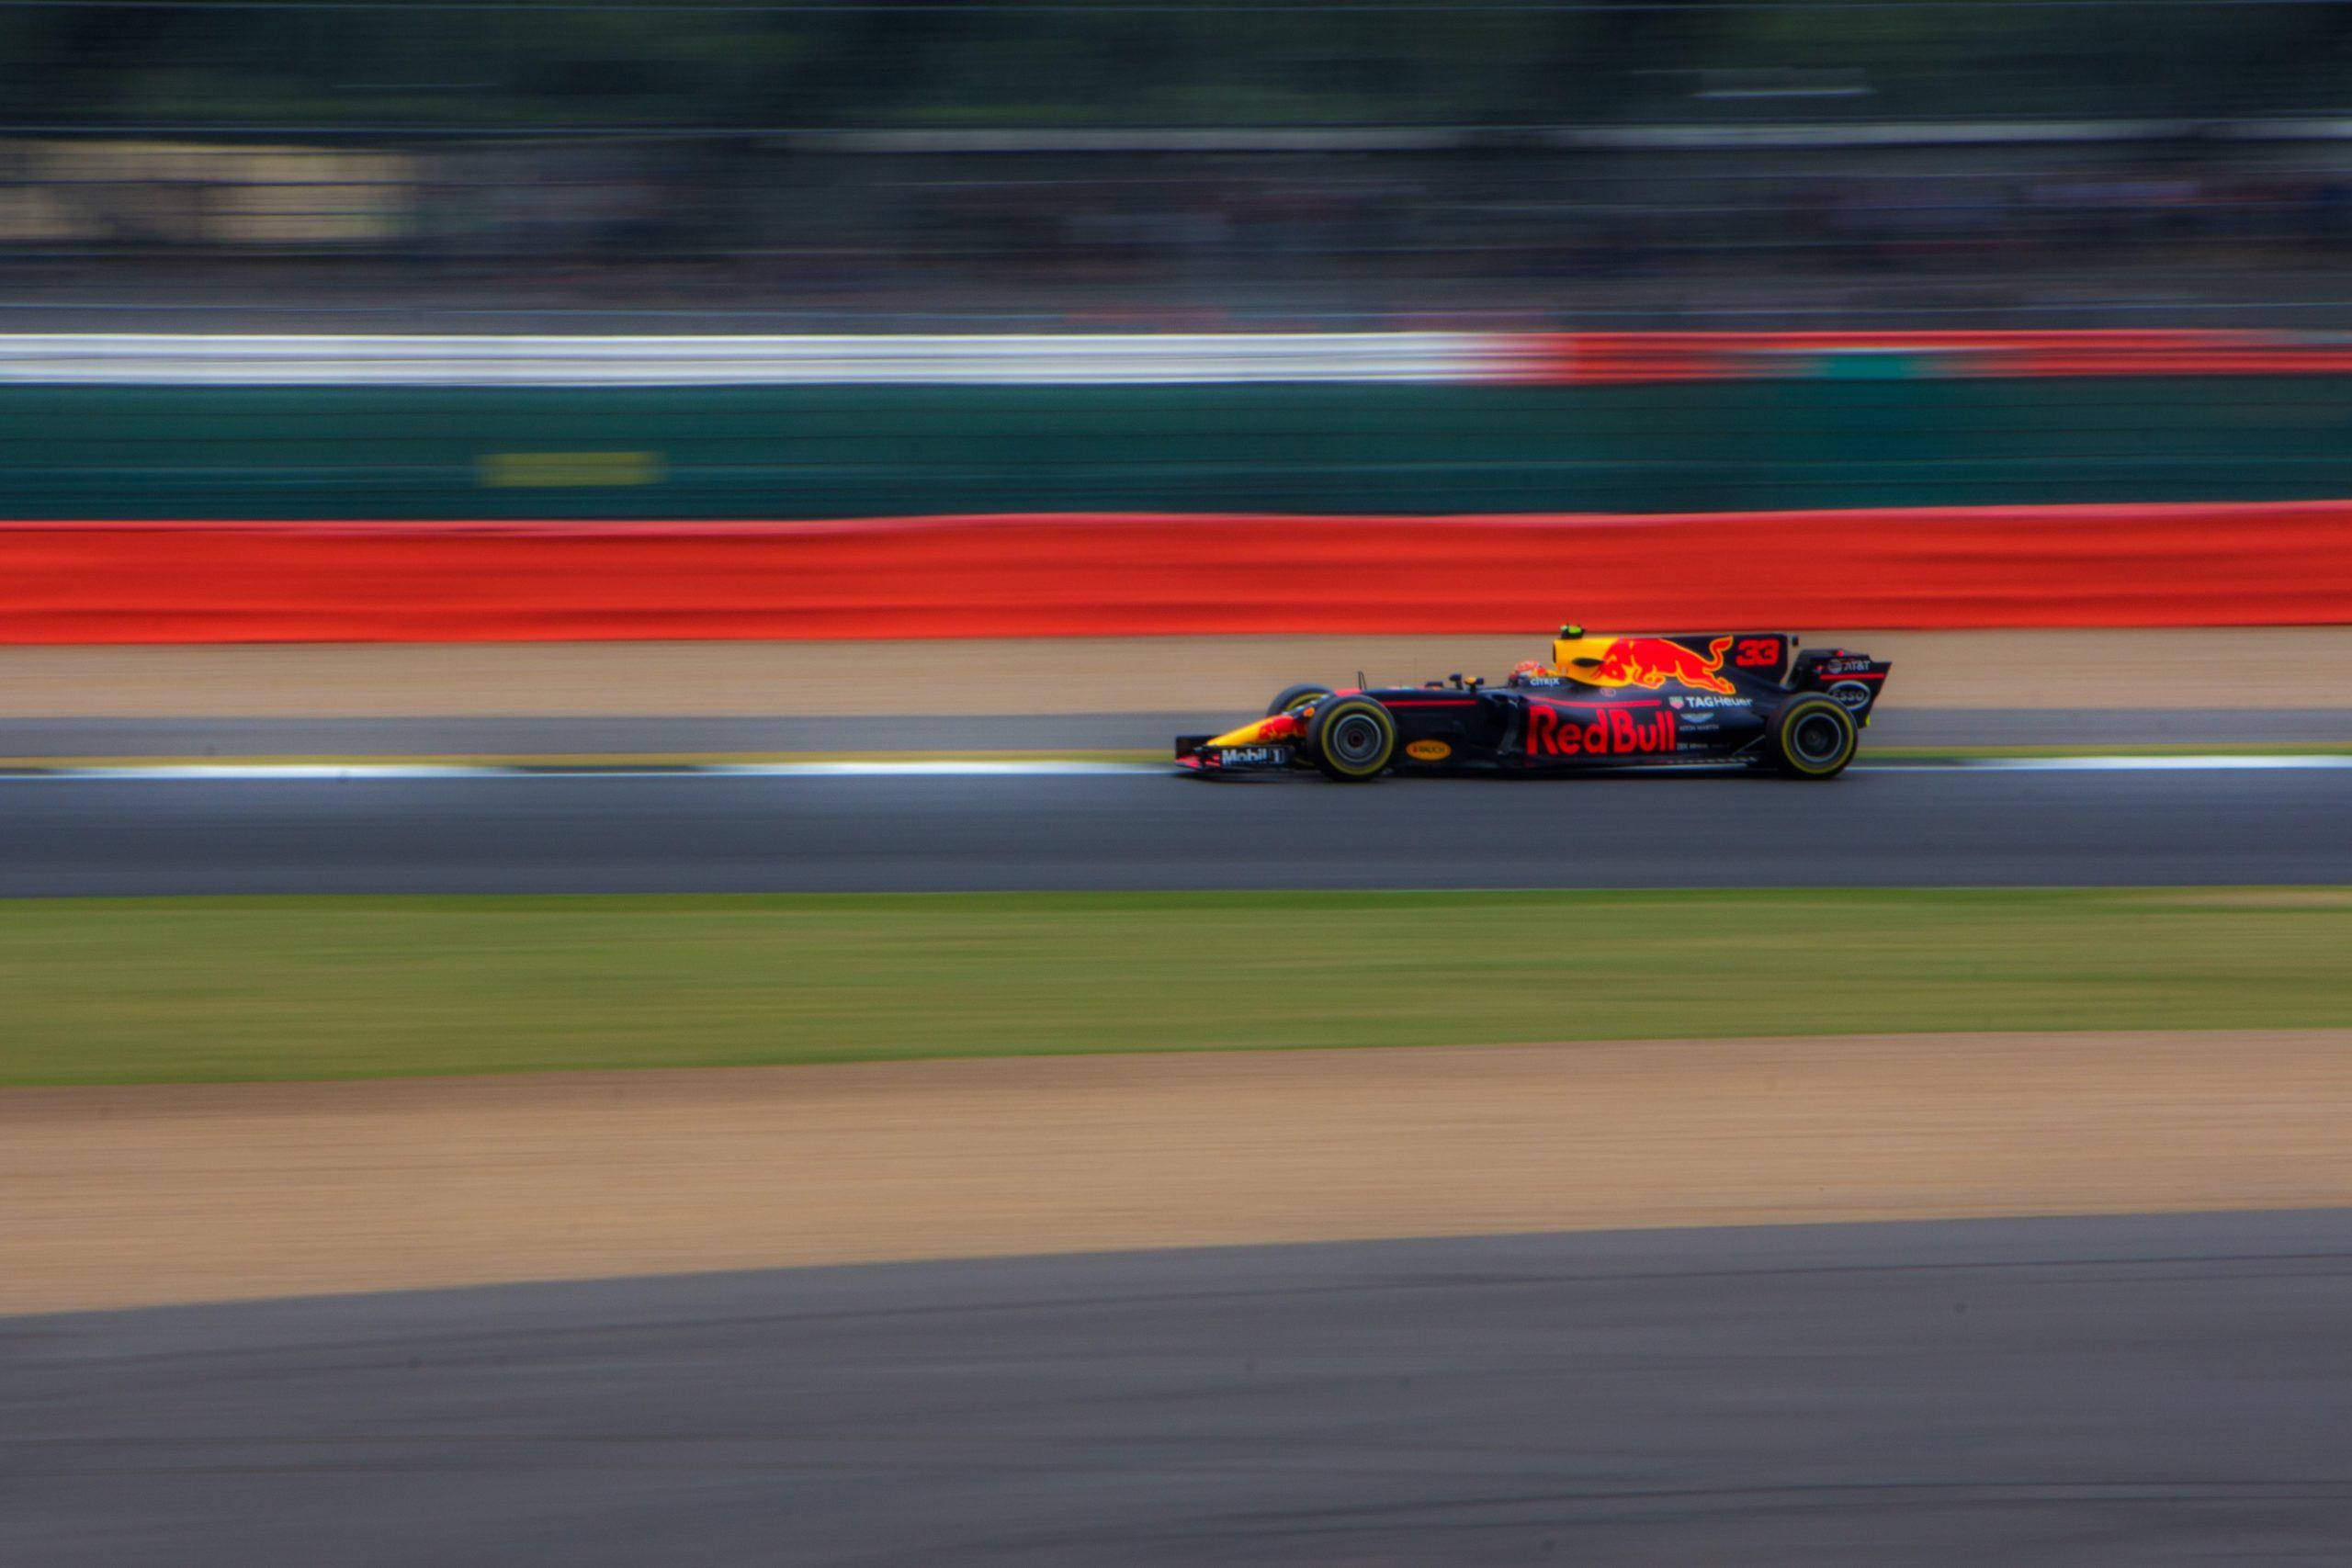 Grand Prix® van Rusland – Sotsji 2021